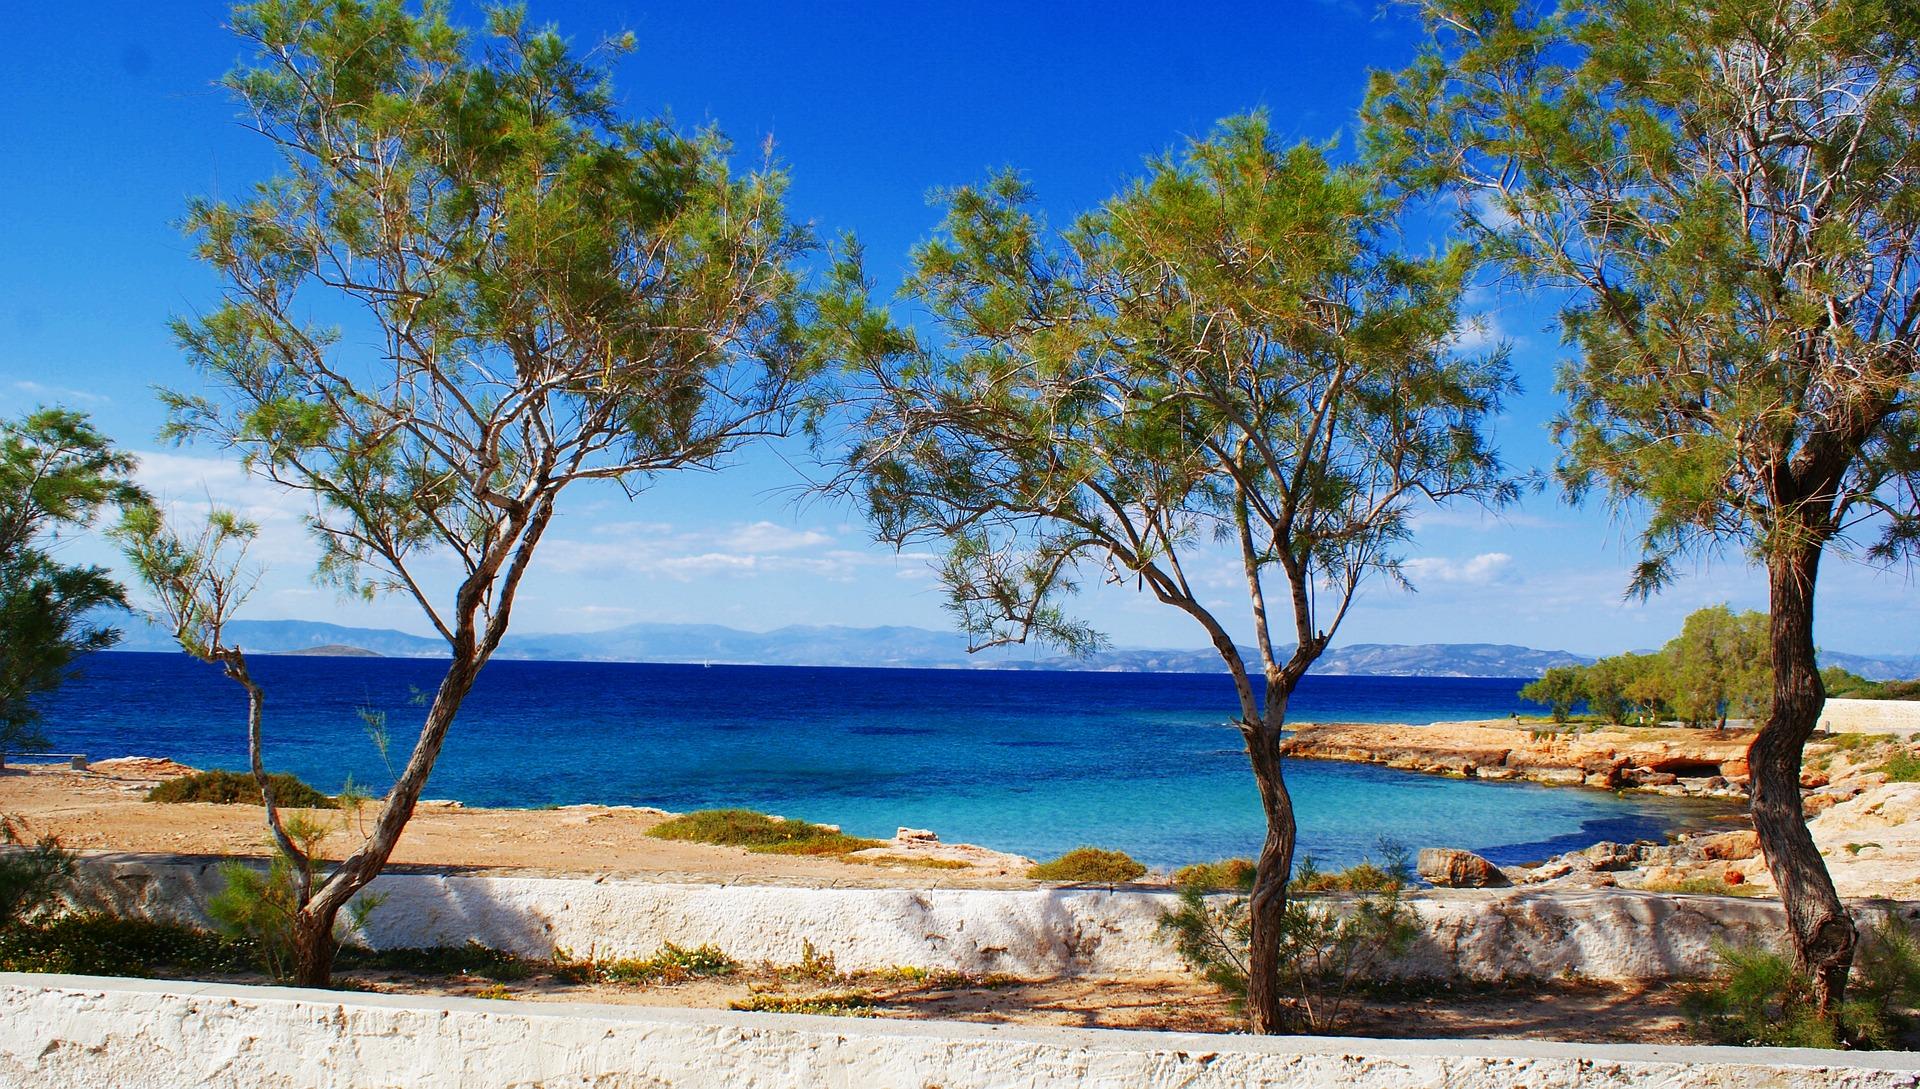 Isole Saroniche come arrivare, spiagge e cosa vedere